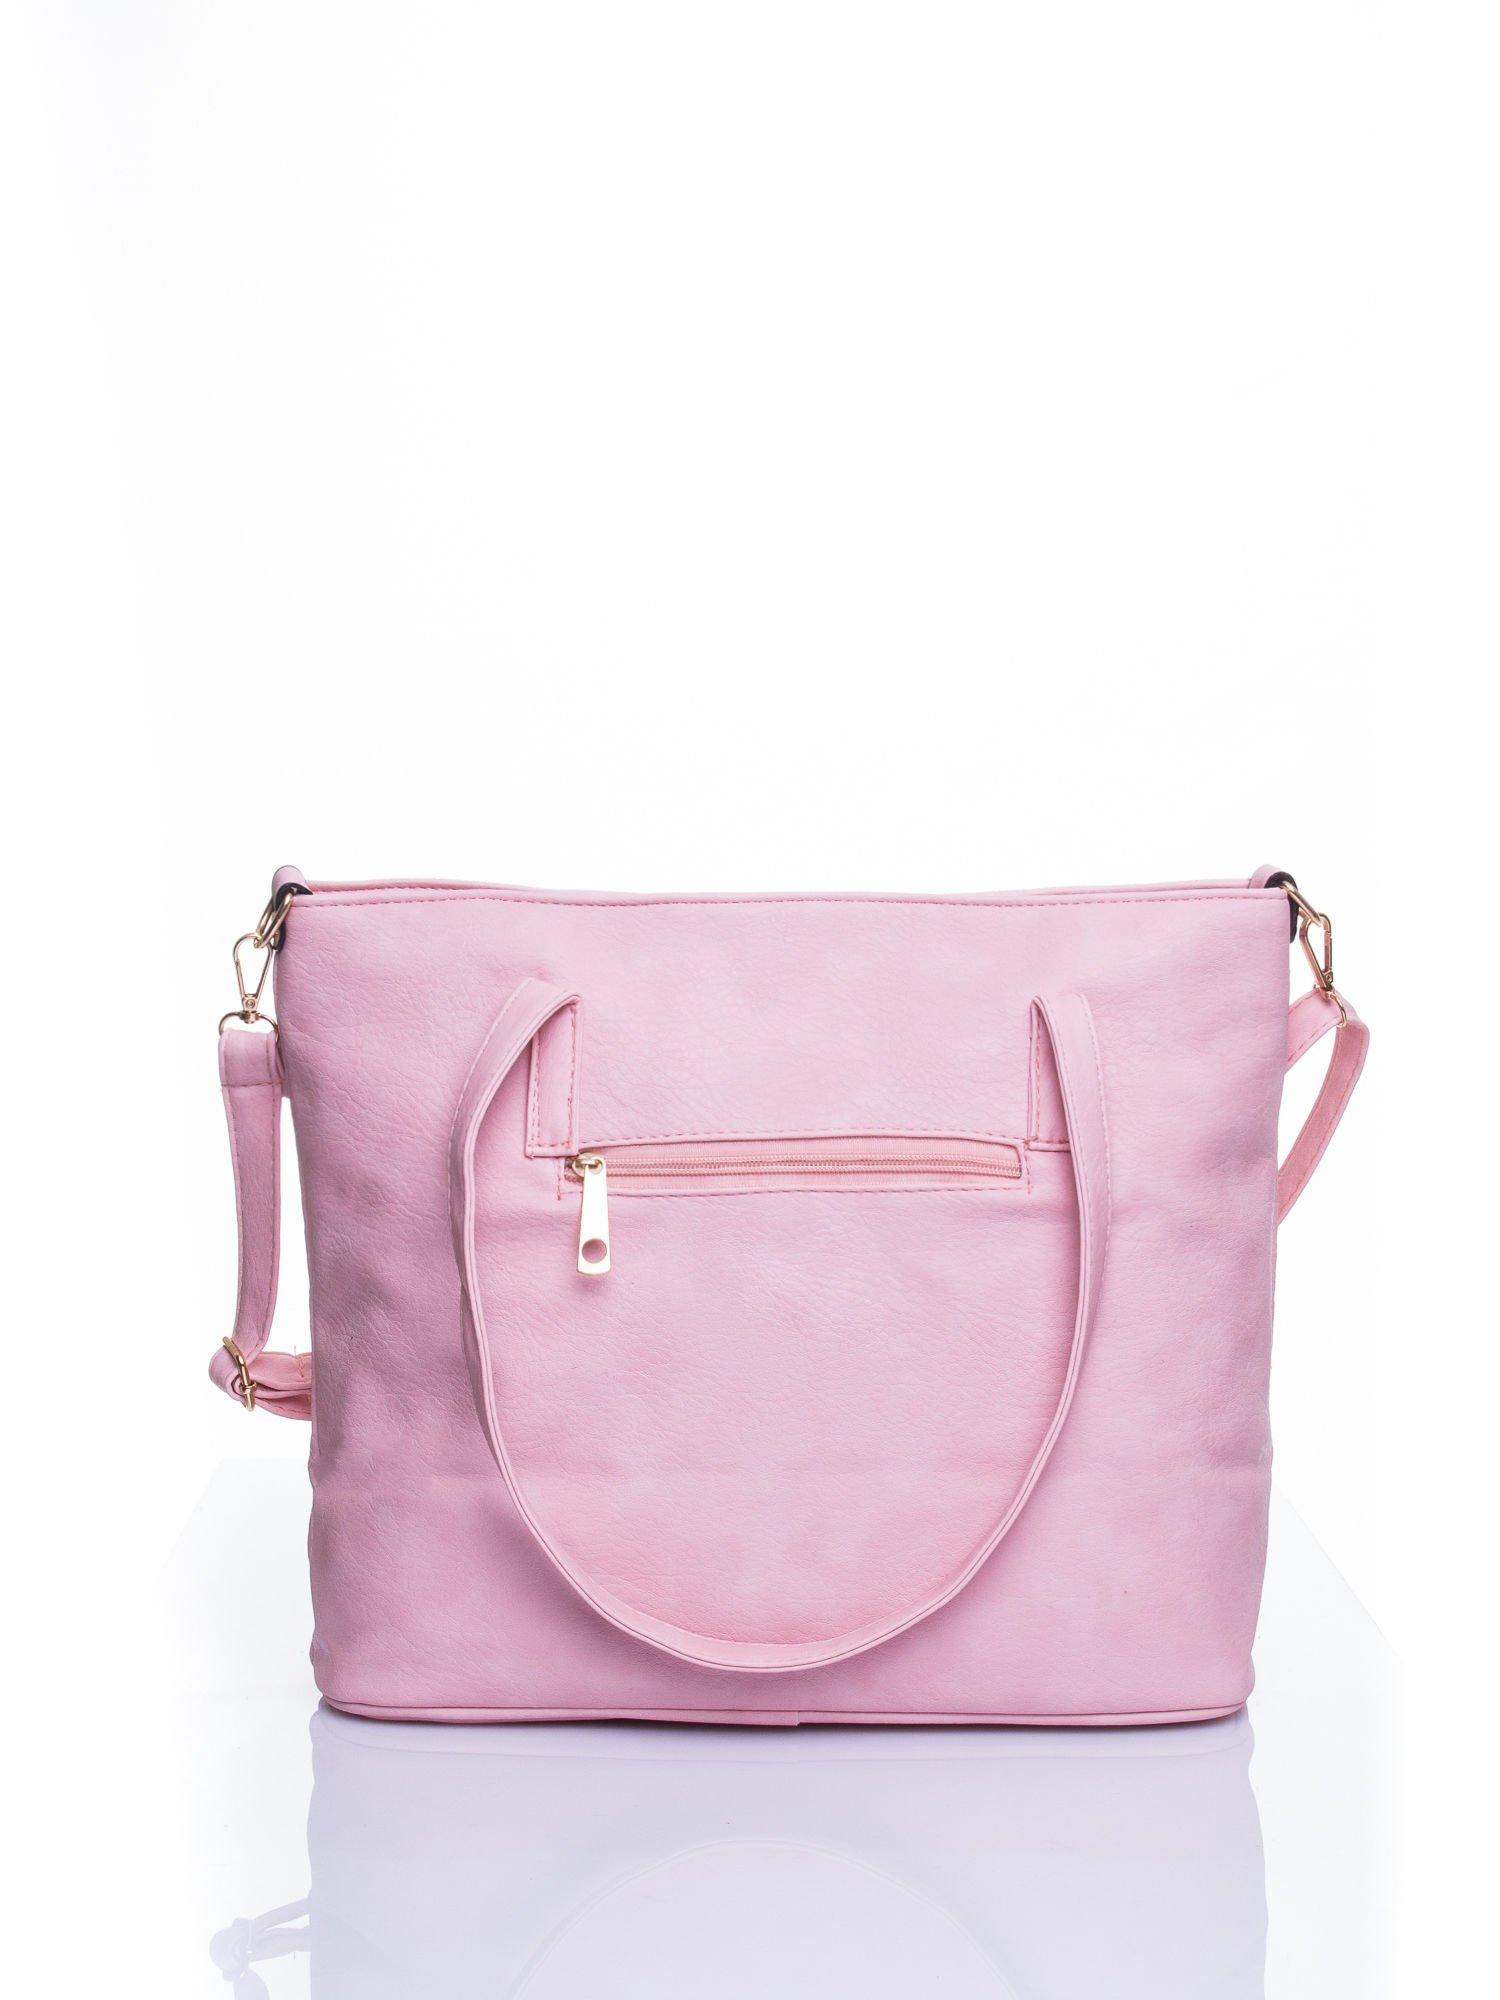 Jasnoróżowa fakturowana torba shopper bag                                  zdj.                                  3